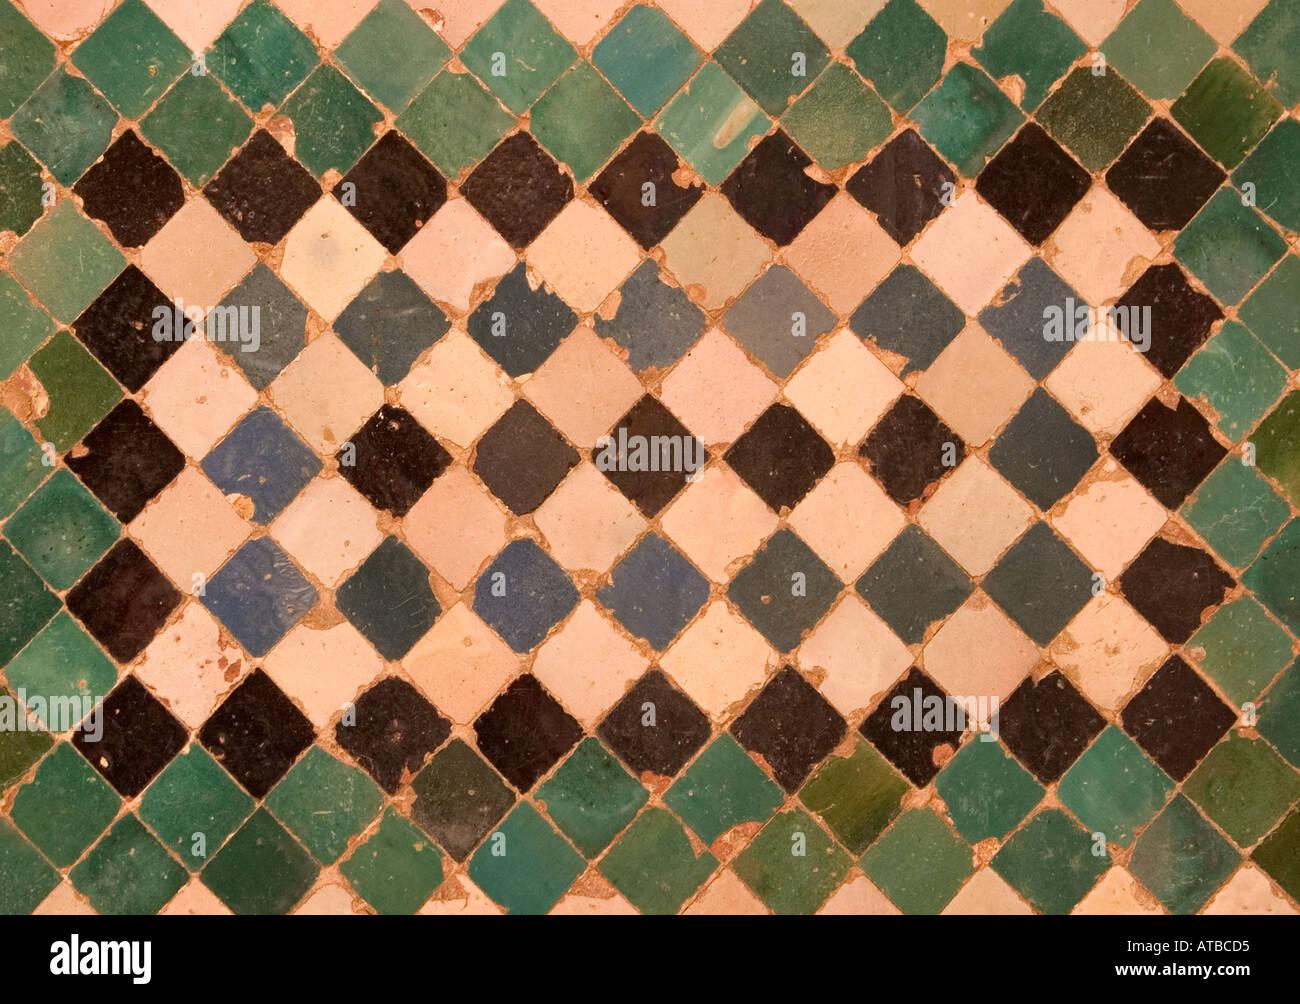 Granada Spain Decorative tiles in La Alhambra - Stock Image